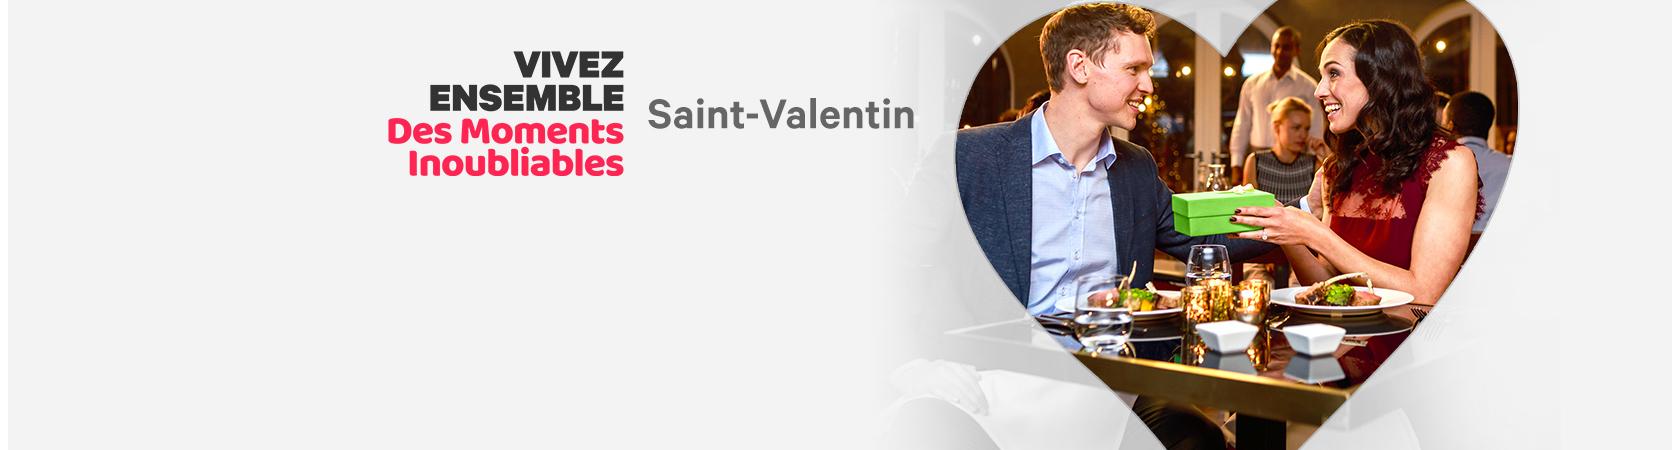 Saint Valentin Groupon